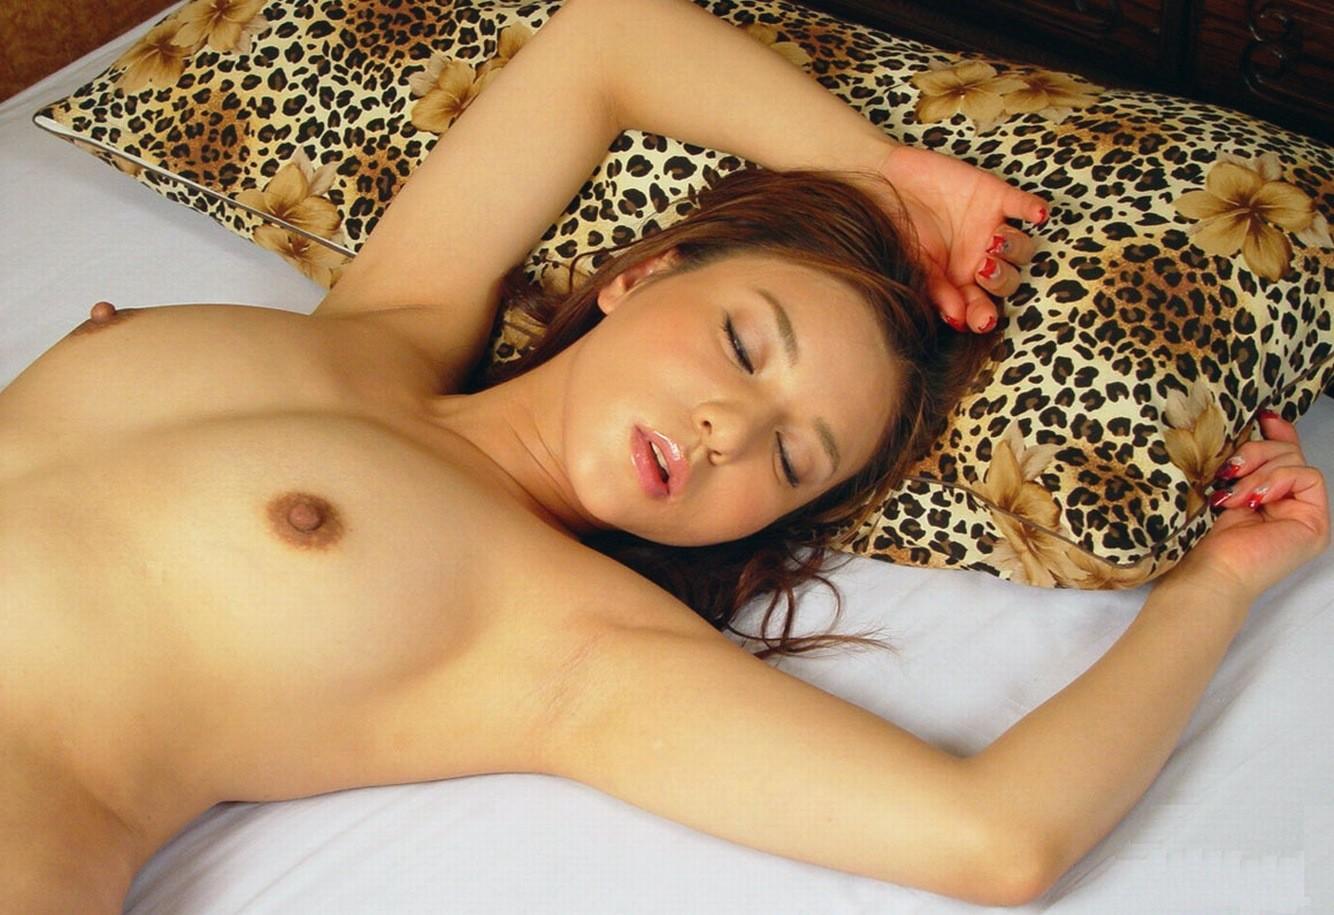 【腋フェチエロ画像】乳揉みながら舐め尽くしたいw美女の綺麗な腋の下www 08